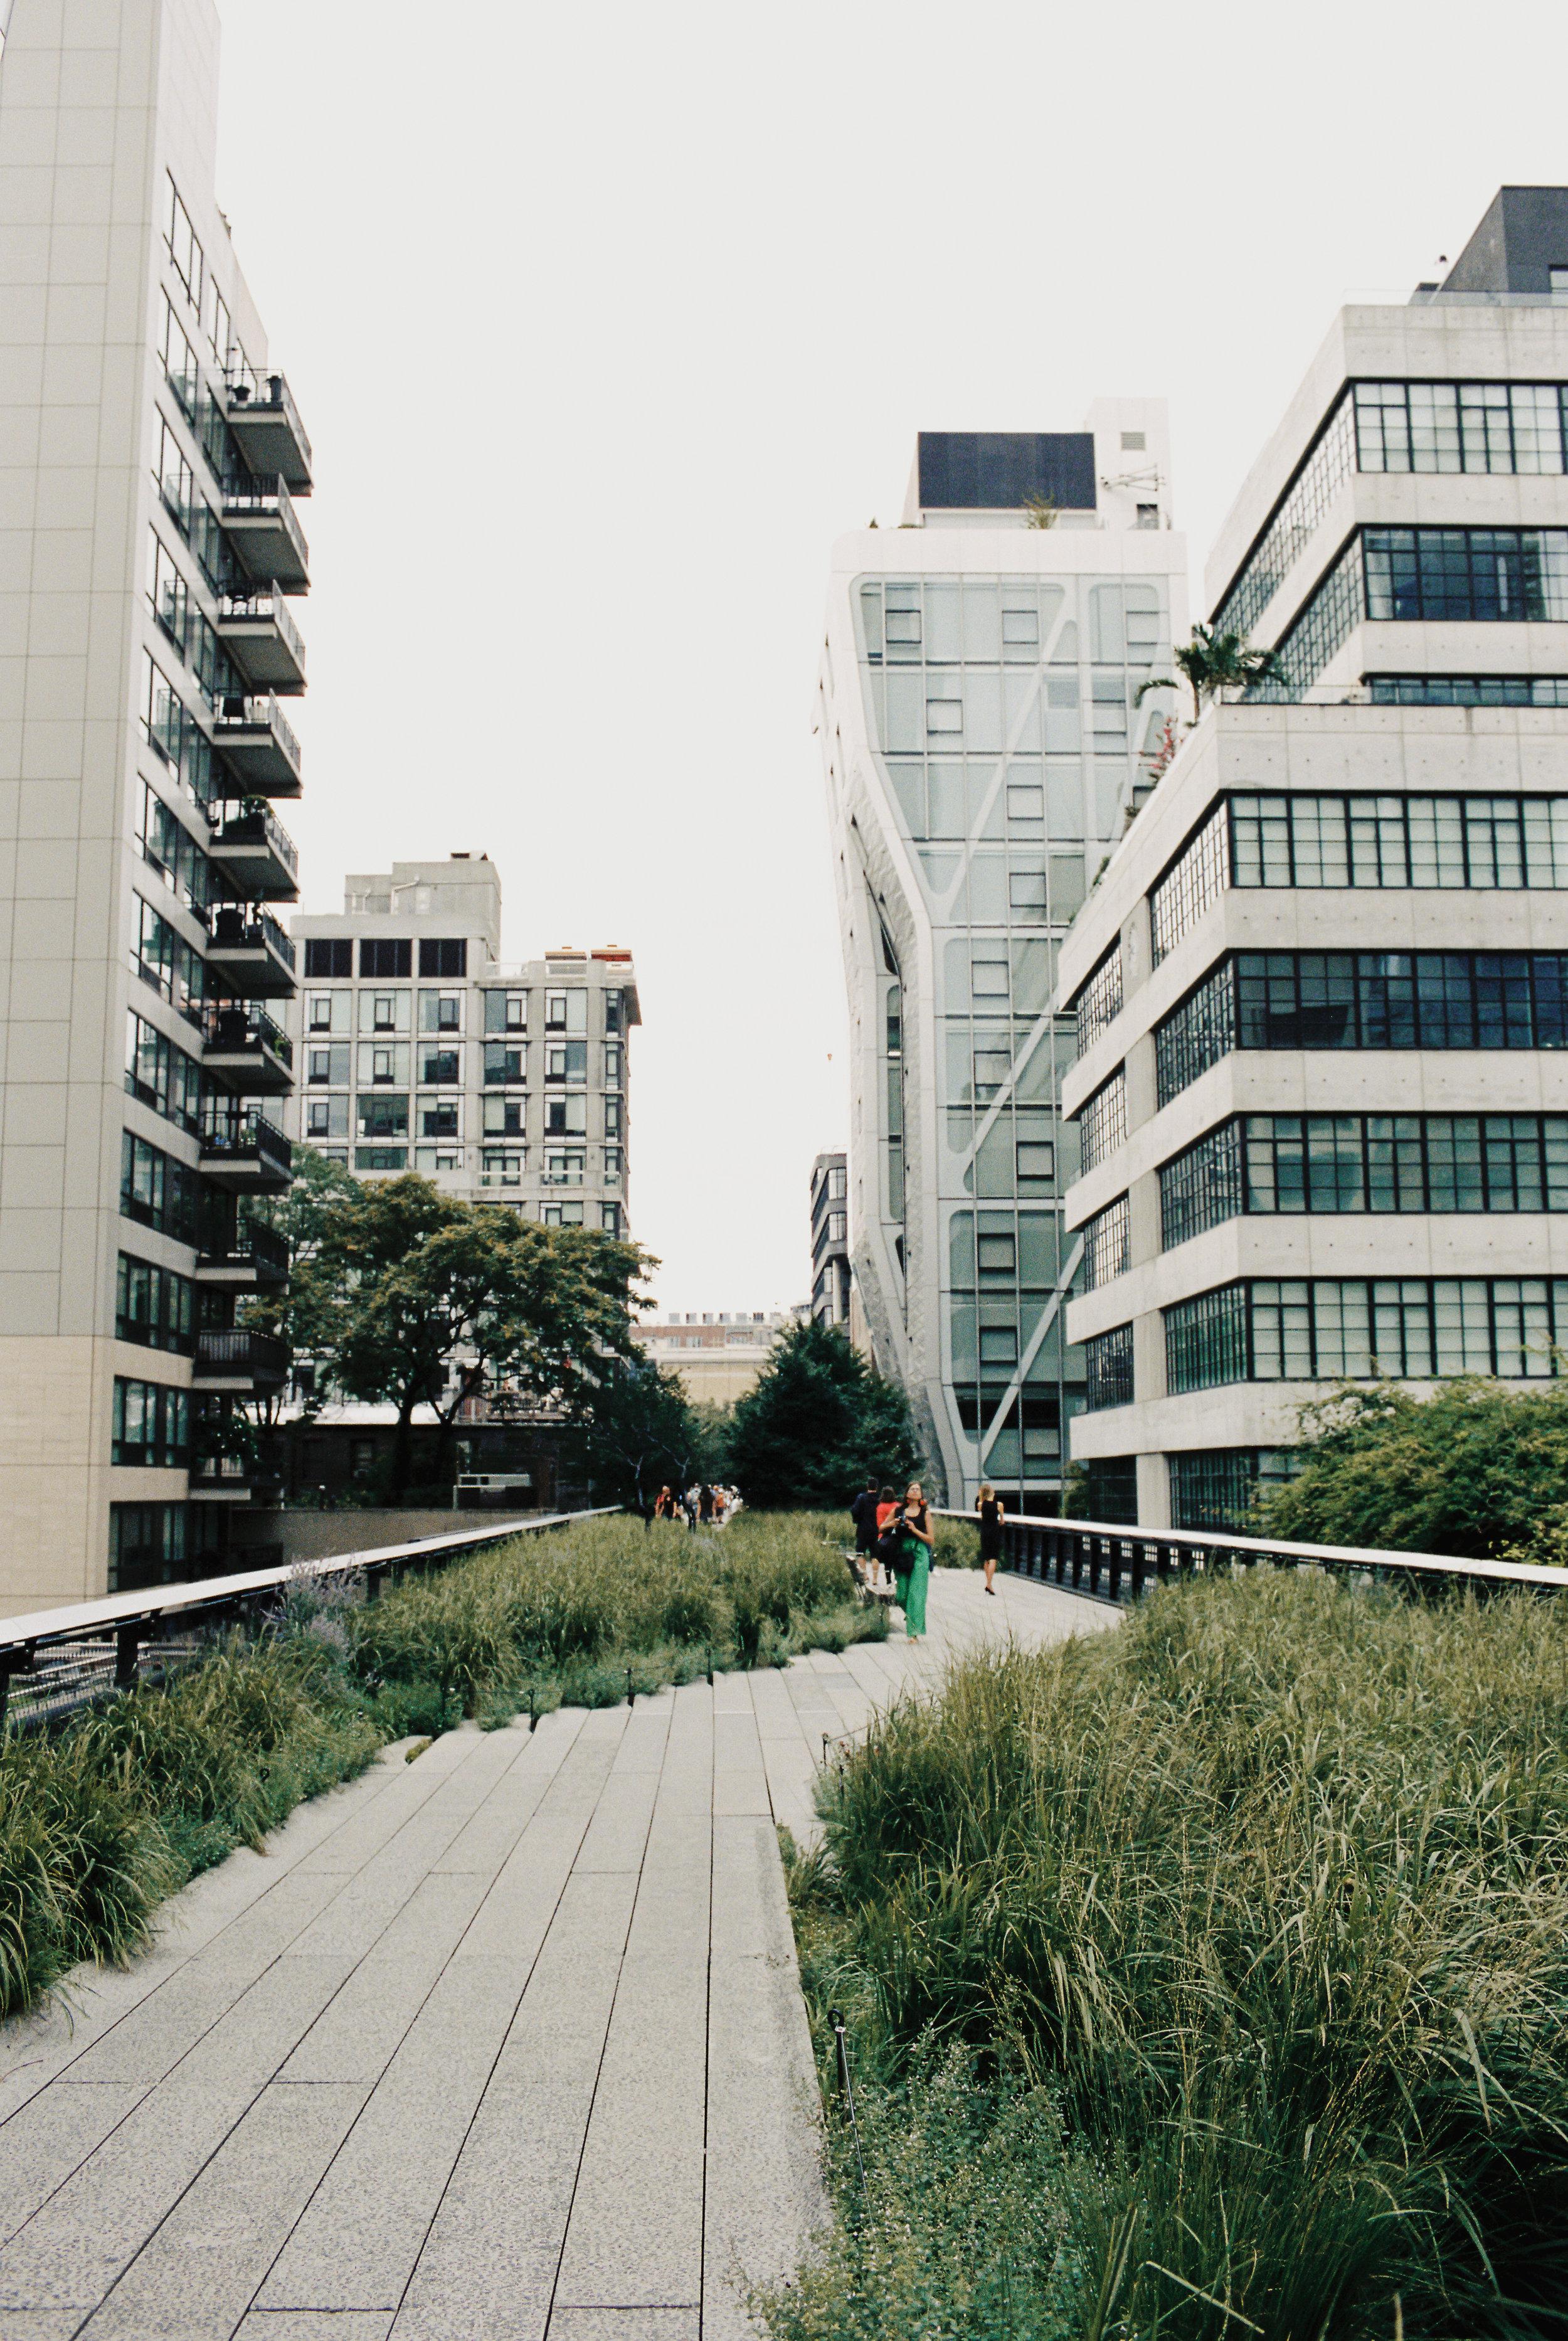 Highline in Manhattan, NYC